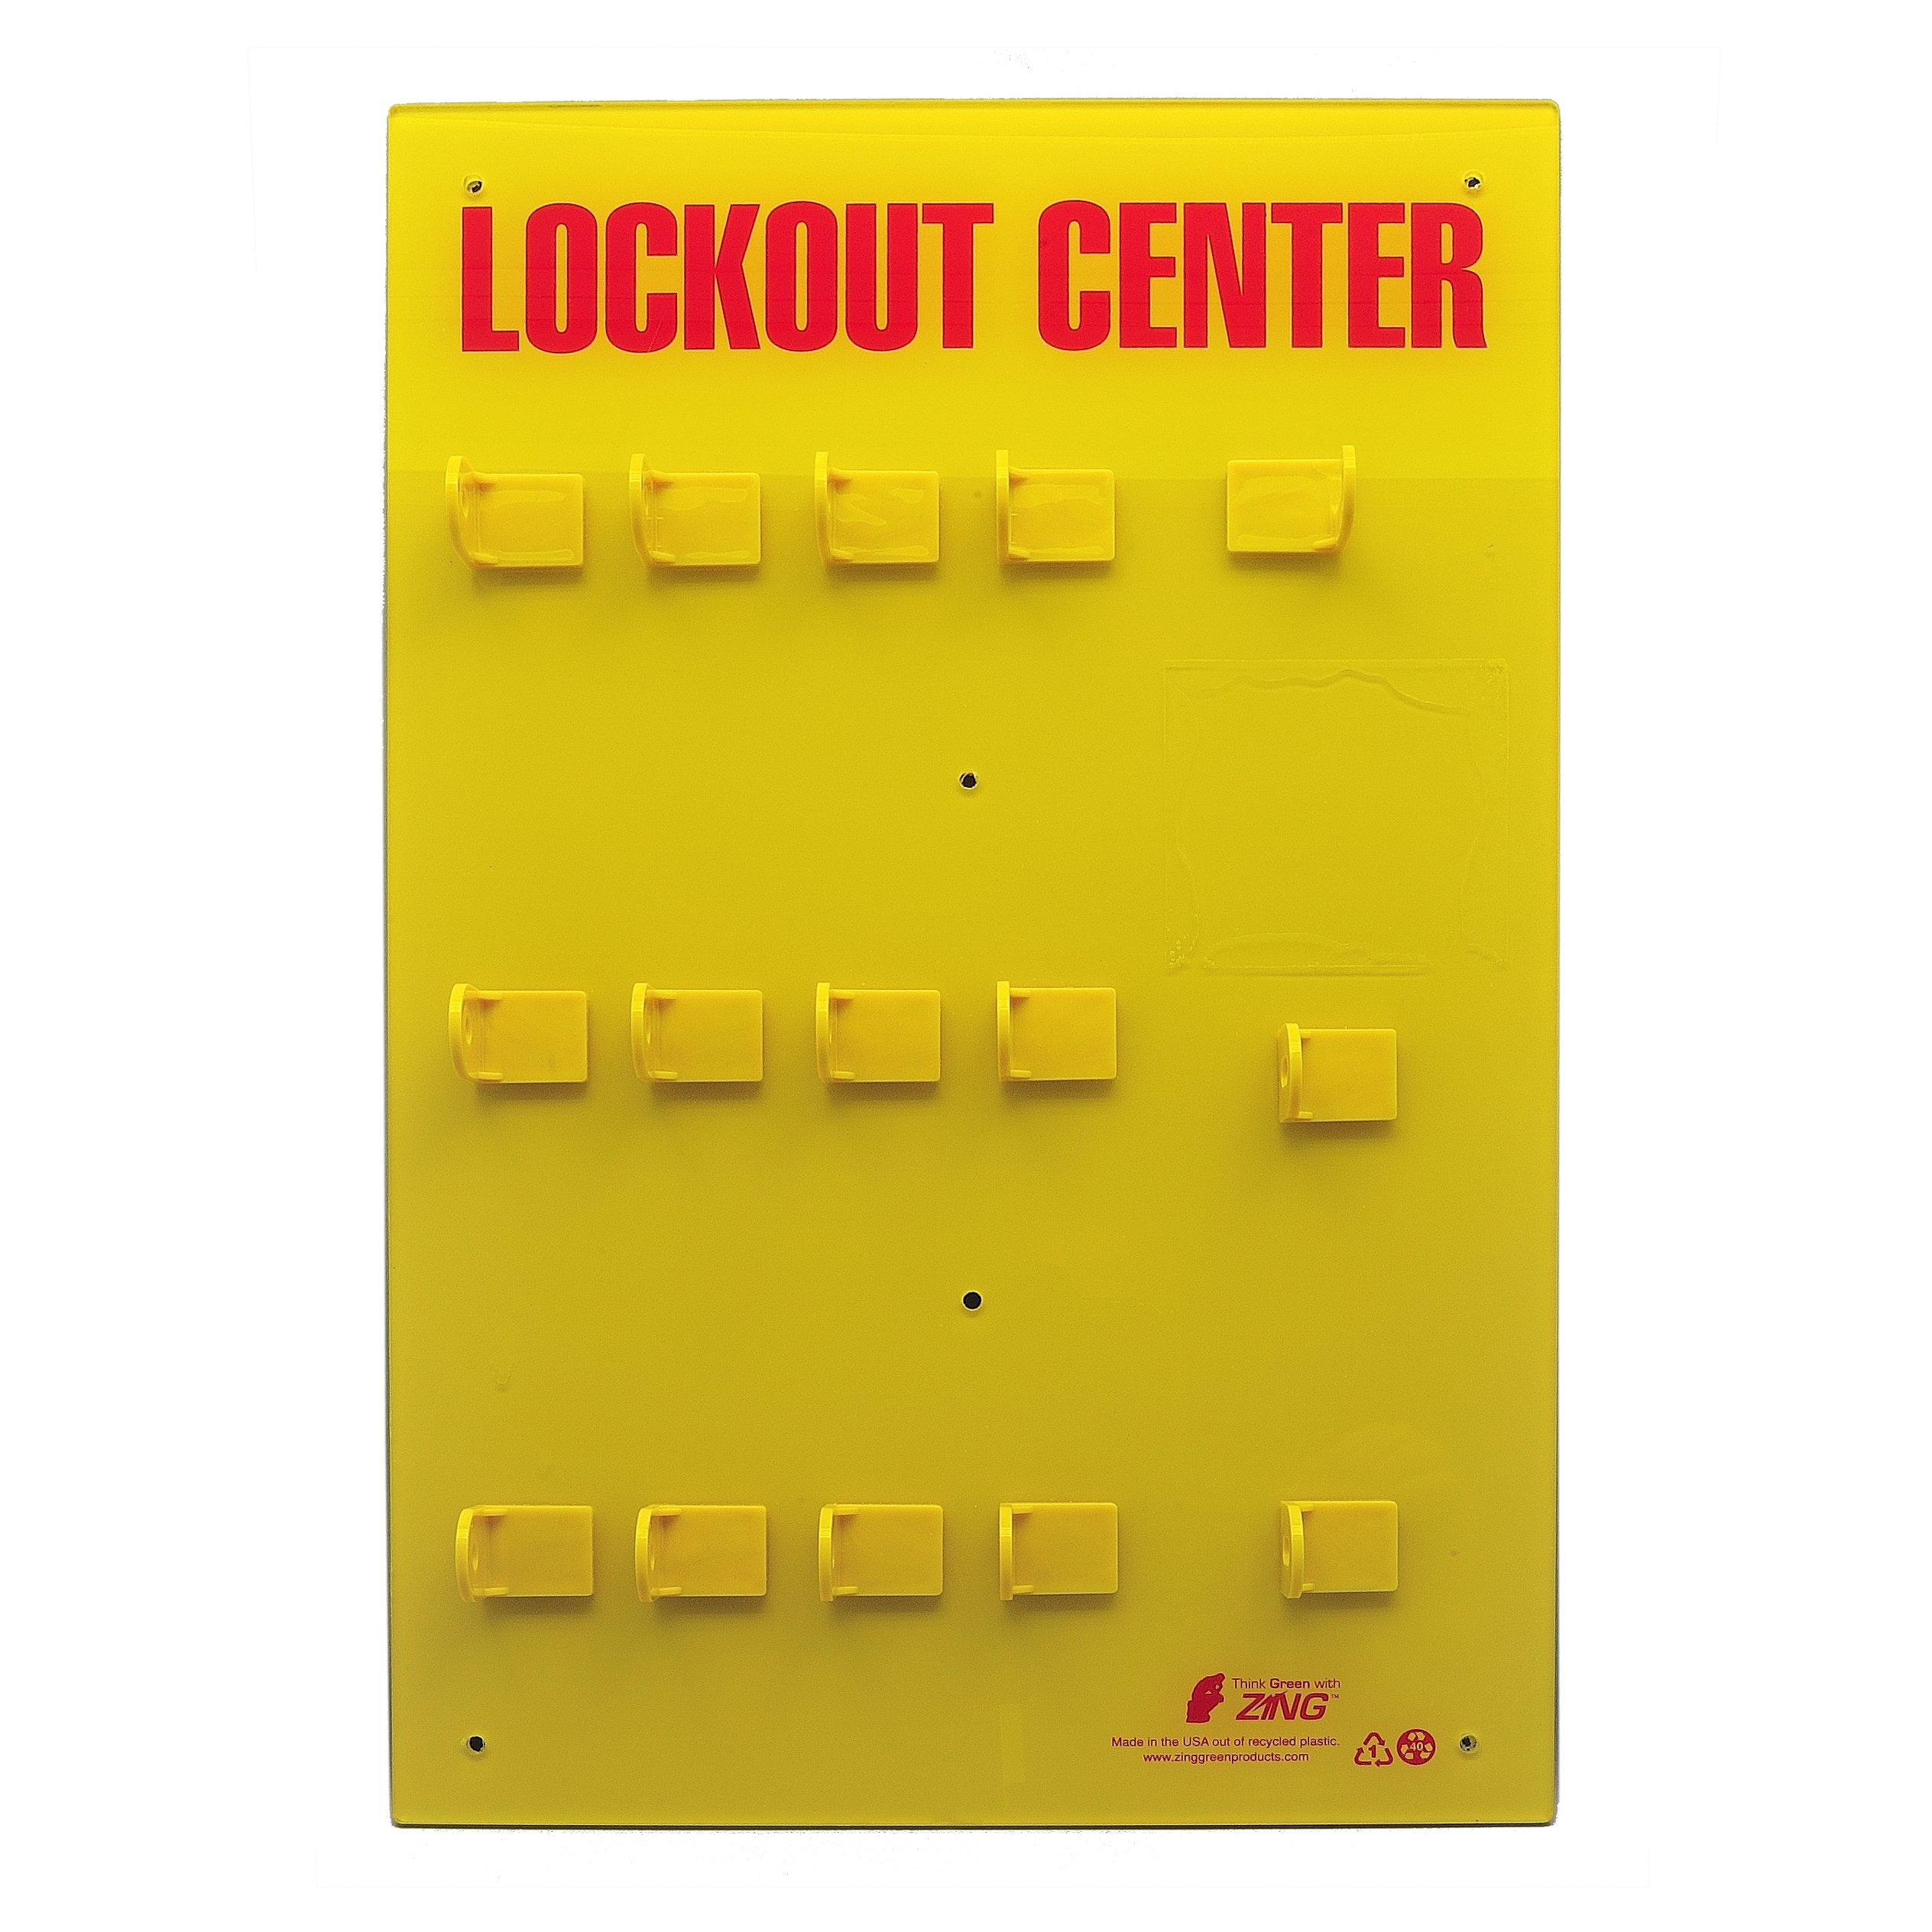 ZING 7115E RecycLockout Lockout Station, 12 Padlock, Unstocked